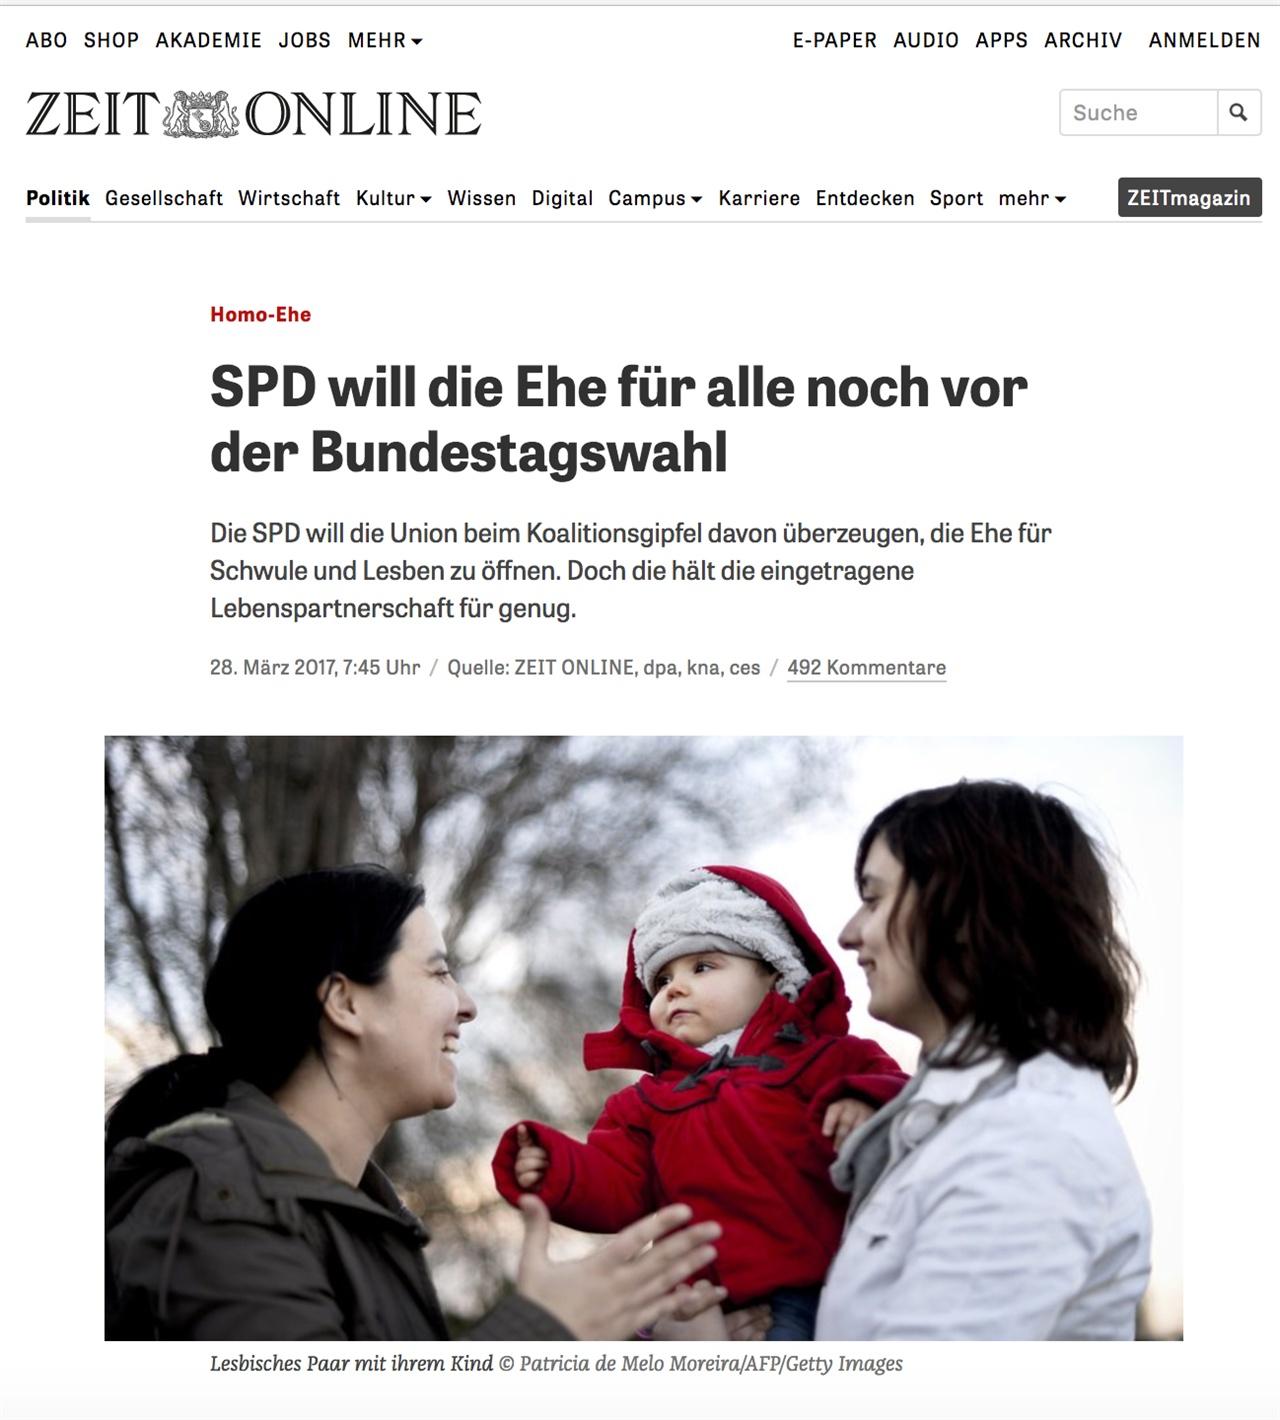 독일언론 디 짜이트 (Die Zeit) 화면캡처 독일 사민당 총리 후보가 이번 9월 선거에서 동성결혼을 내세우고 있다는 기사. 기사 속에는 레즈비언 부부가 아기를 안고 있는 사진이 삽입되어있다.